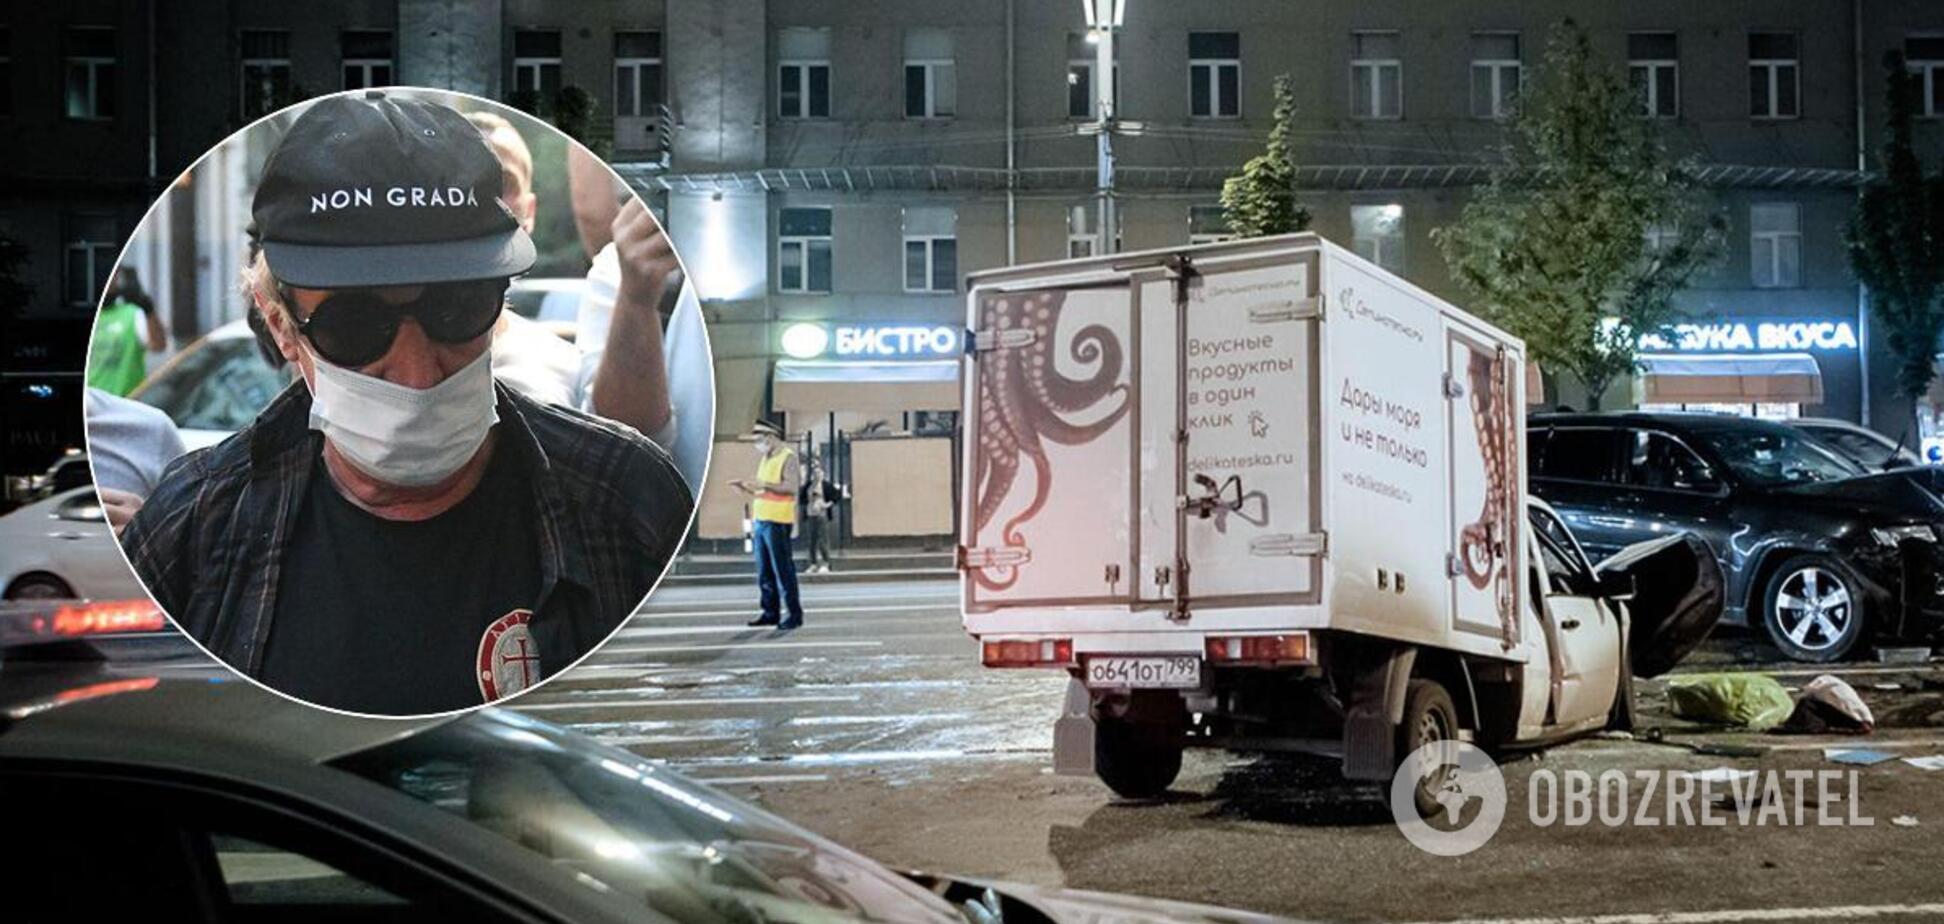 Михайло Єфремов намагався відкупитися після смертельного ДТП